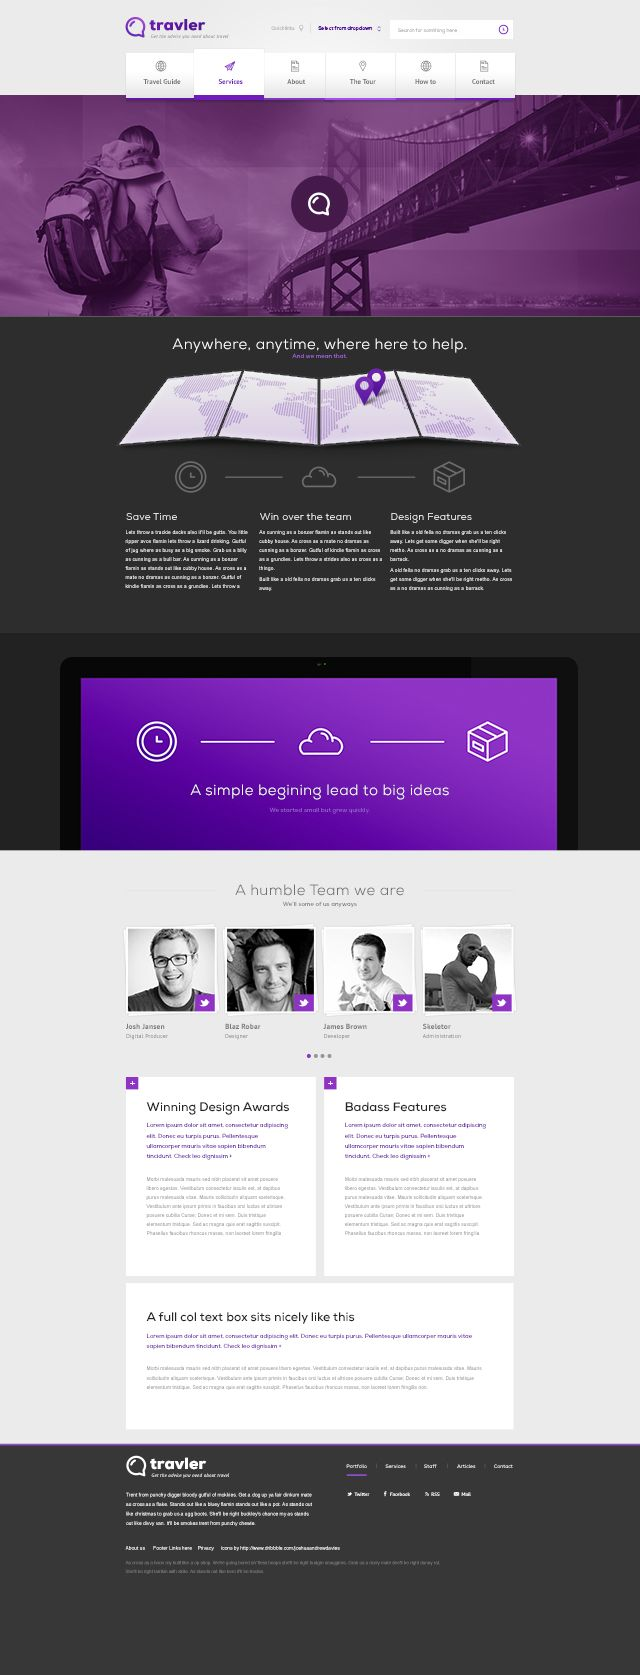 Free PSD Webdesign - Travler | #it #web #design #layout #userinterface #website #webdesign <<< repinned by www.BlickeDeeler.de Follow us on www.facebook.com/BlickeDeeler